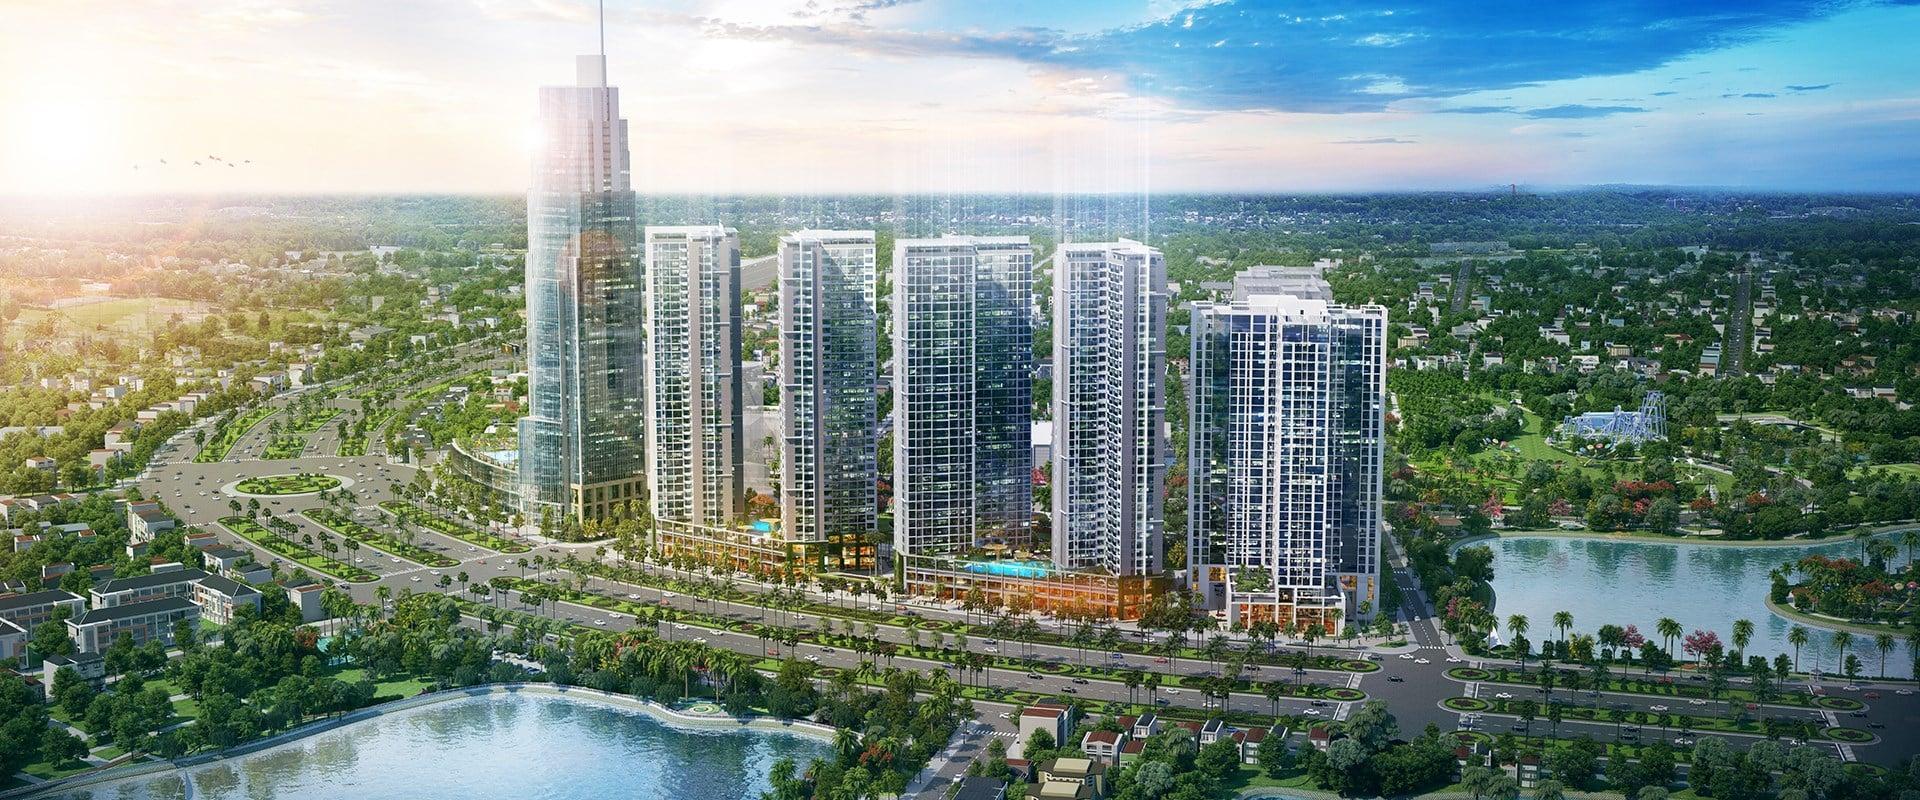 MKT Tong the 01 - Dự án căn hộ Eco Green City SaiGon